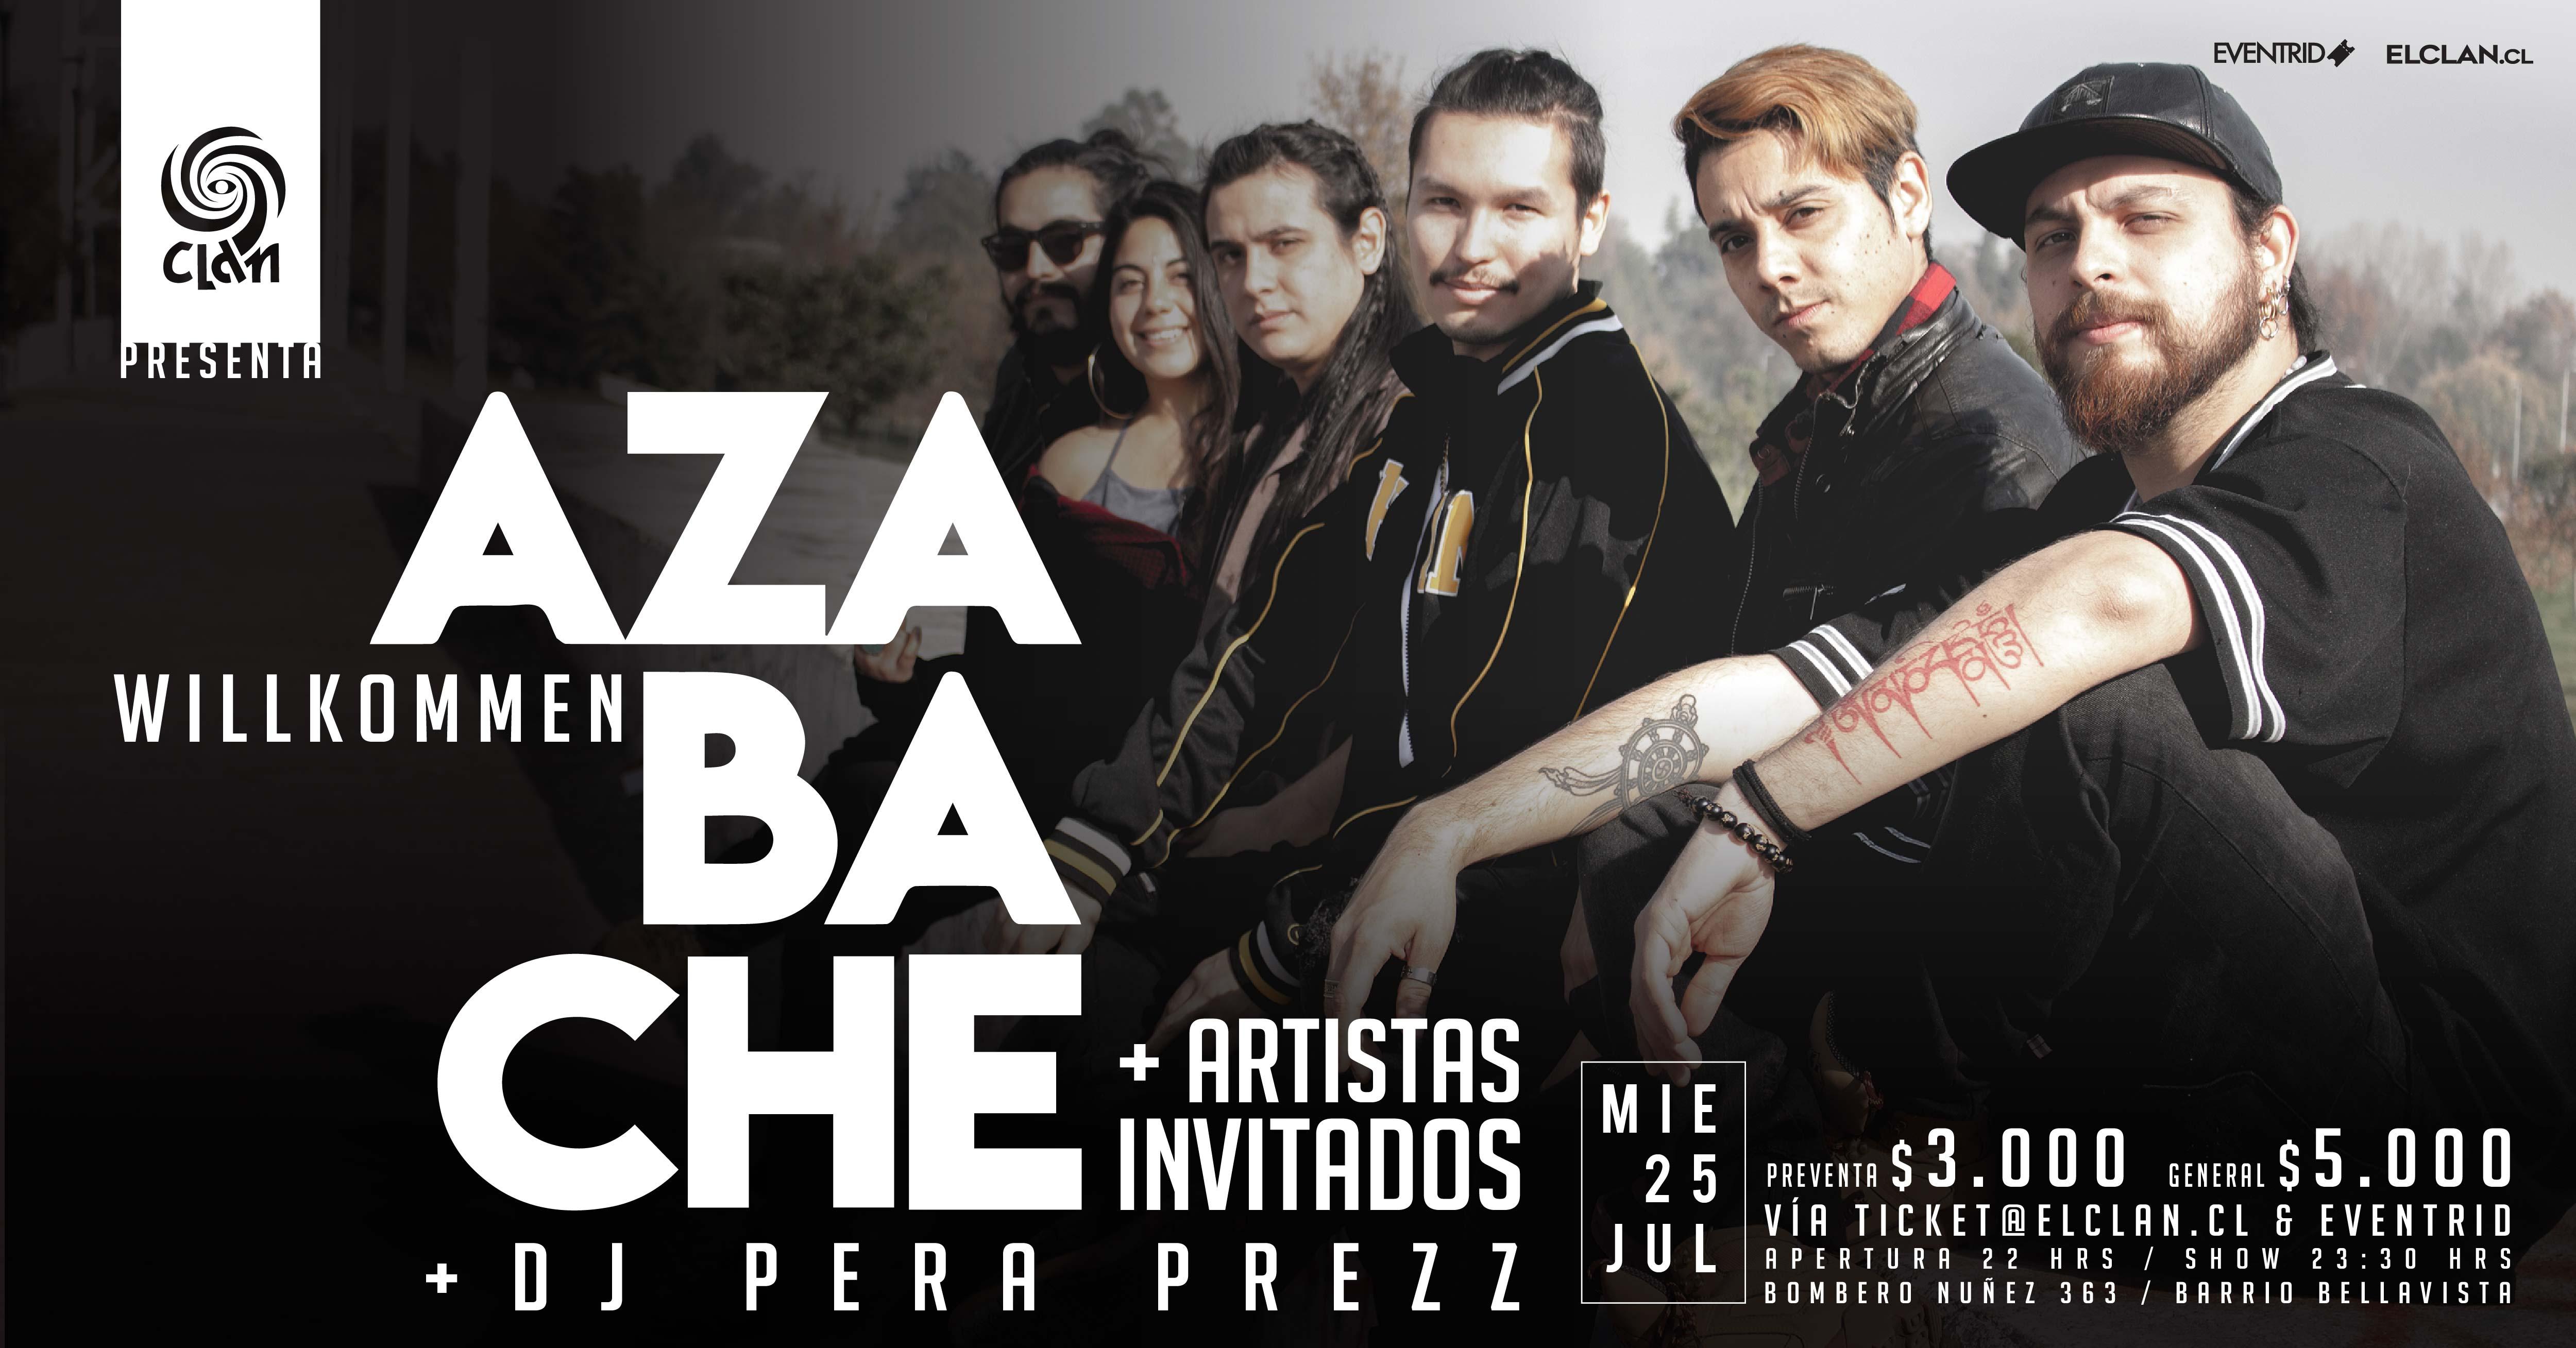 Pre lanzamiento y bienvenida de Azabache (25 julio)